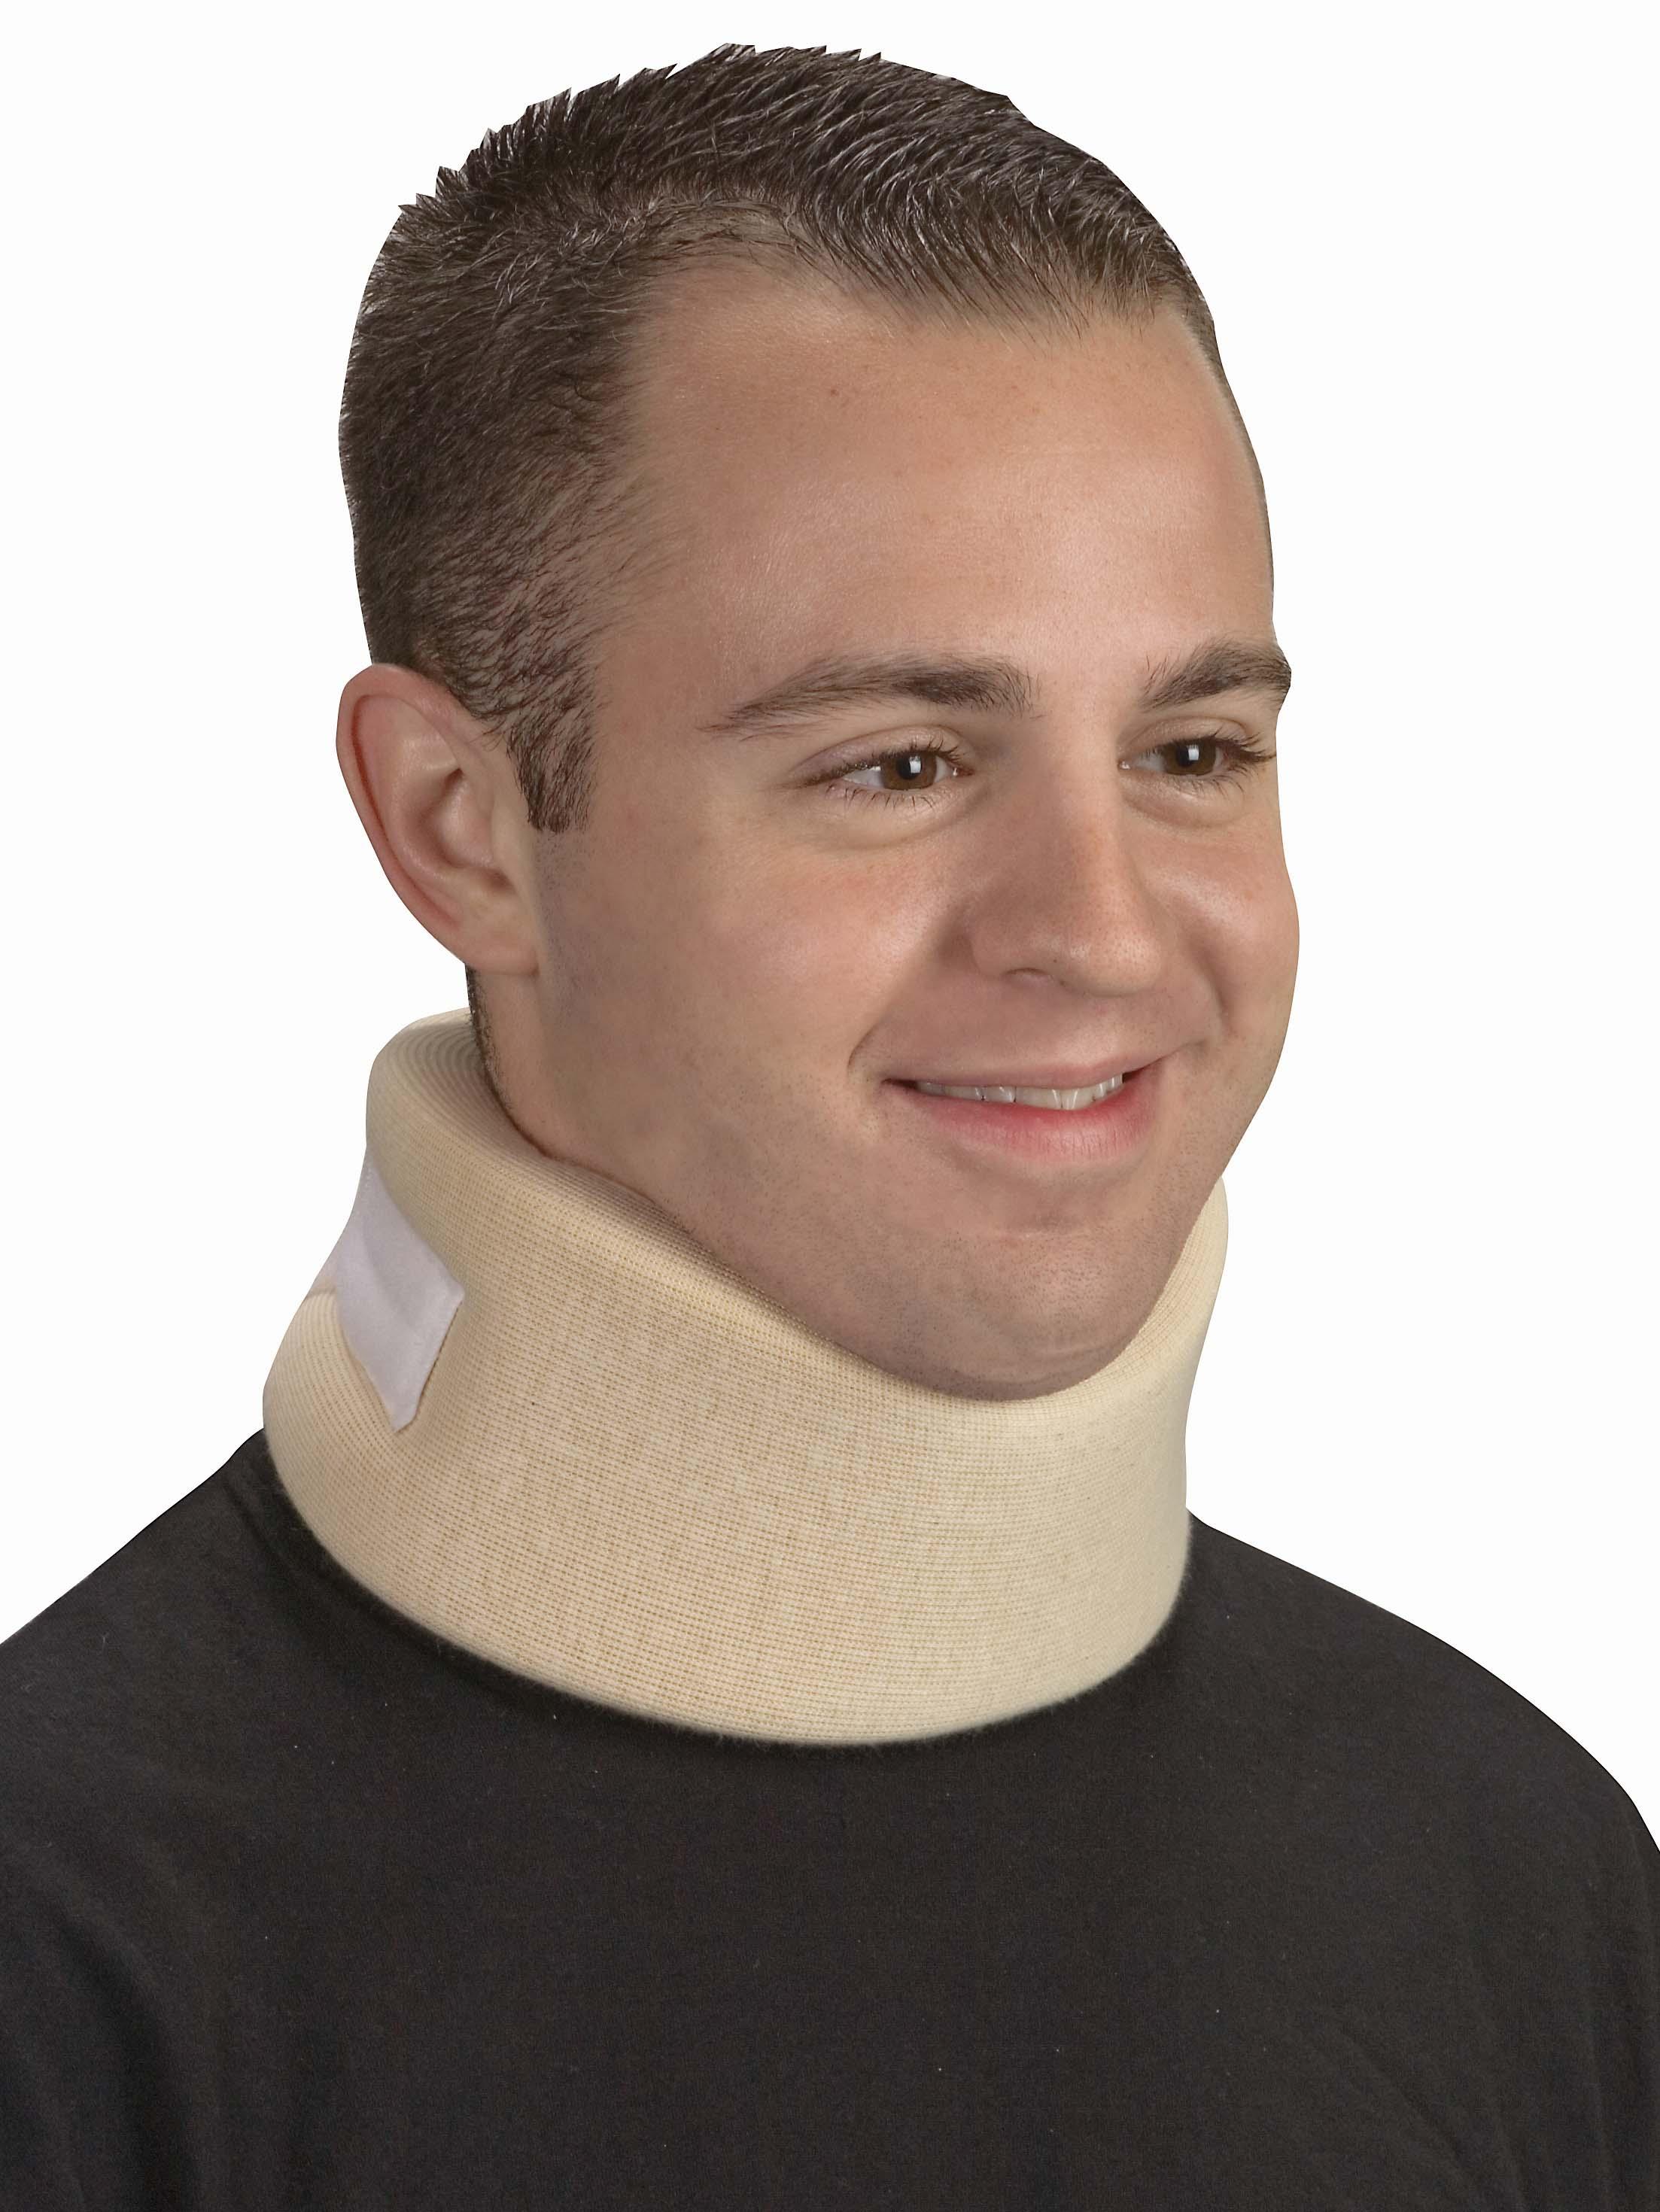 universal-firm-foam-cervical-collar-4-631-6057-0044-lr-2.jpg